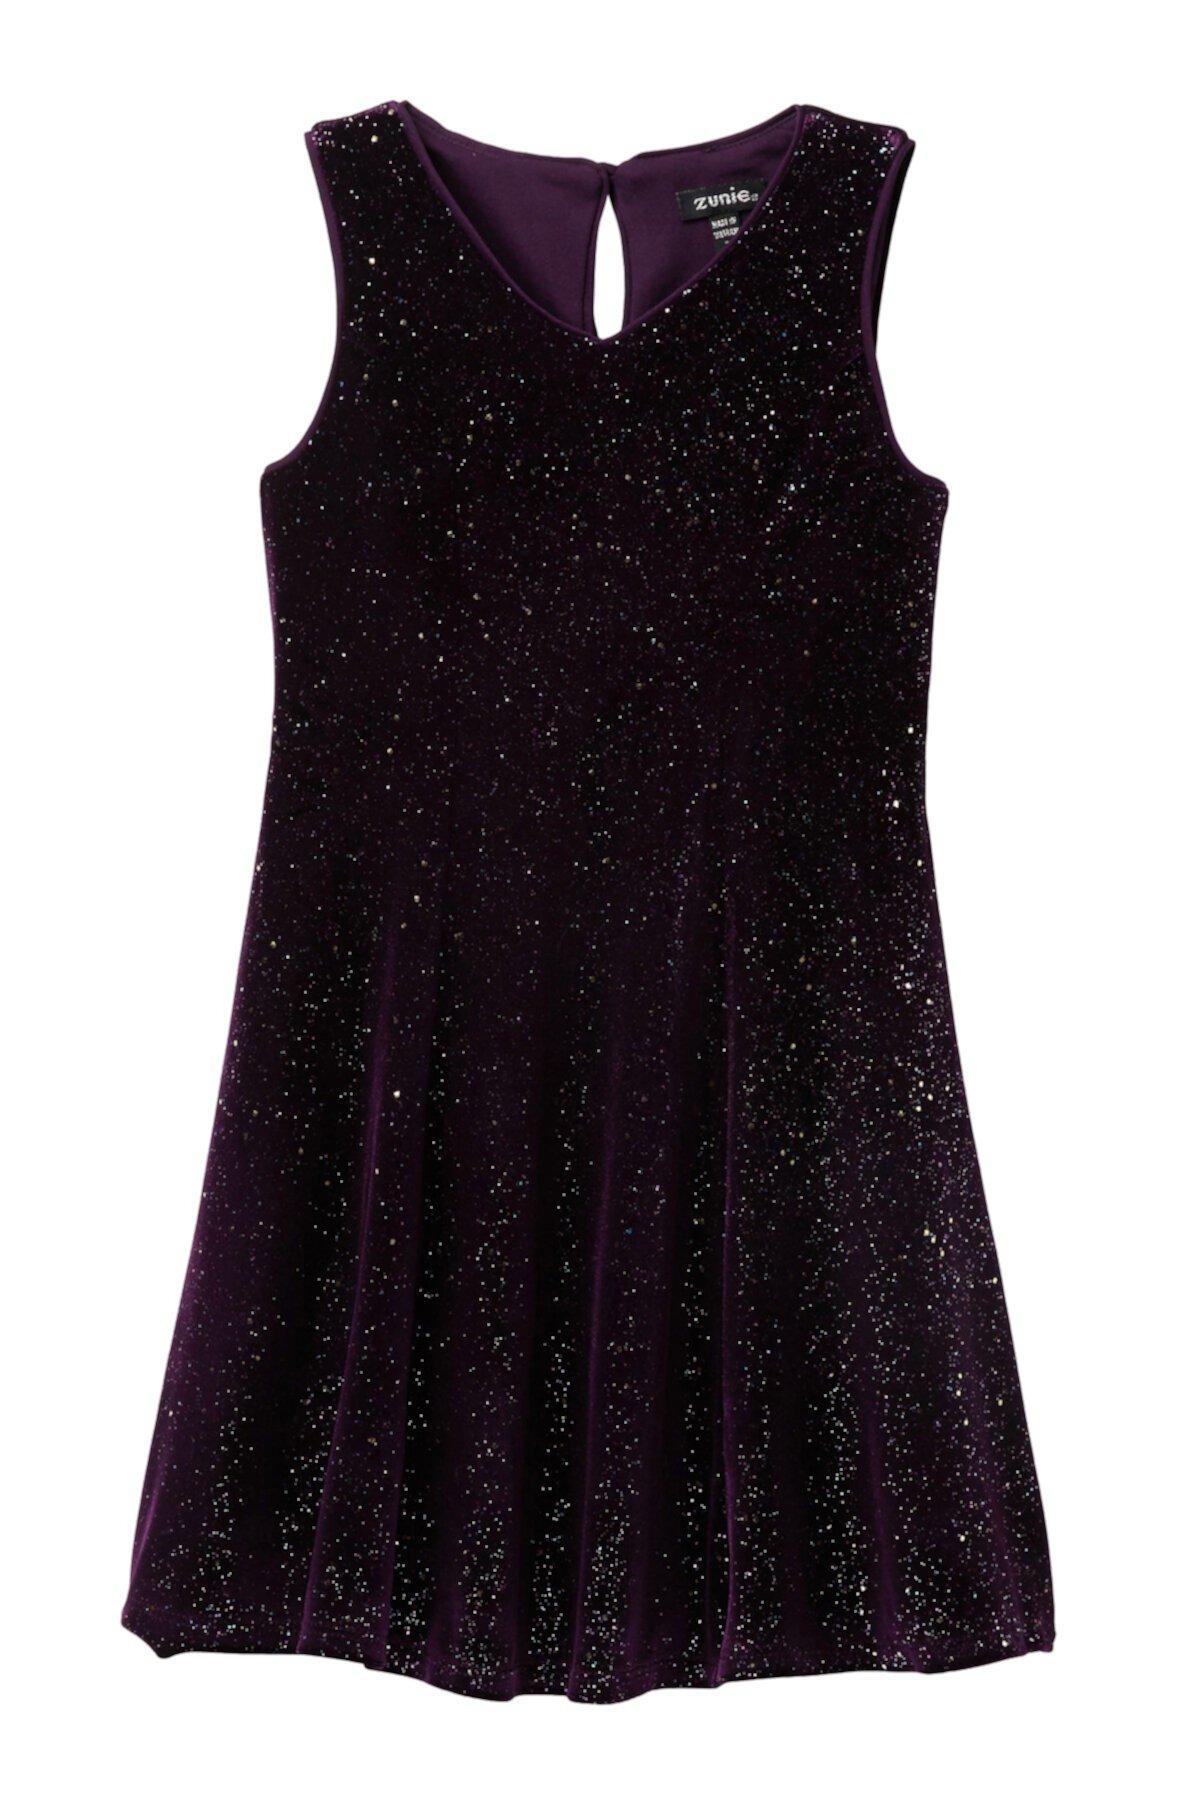 Платье без рукавов с блестками Rainbow Glitter (Большие девочки) Zunie